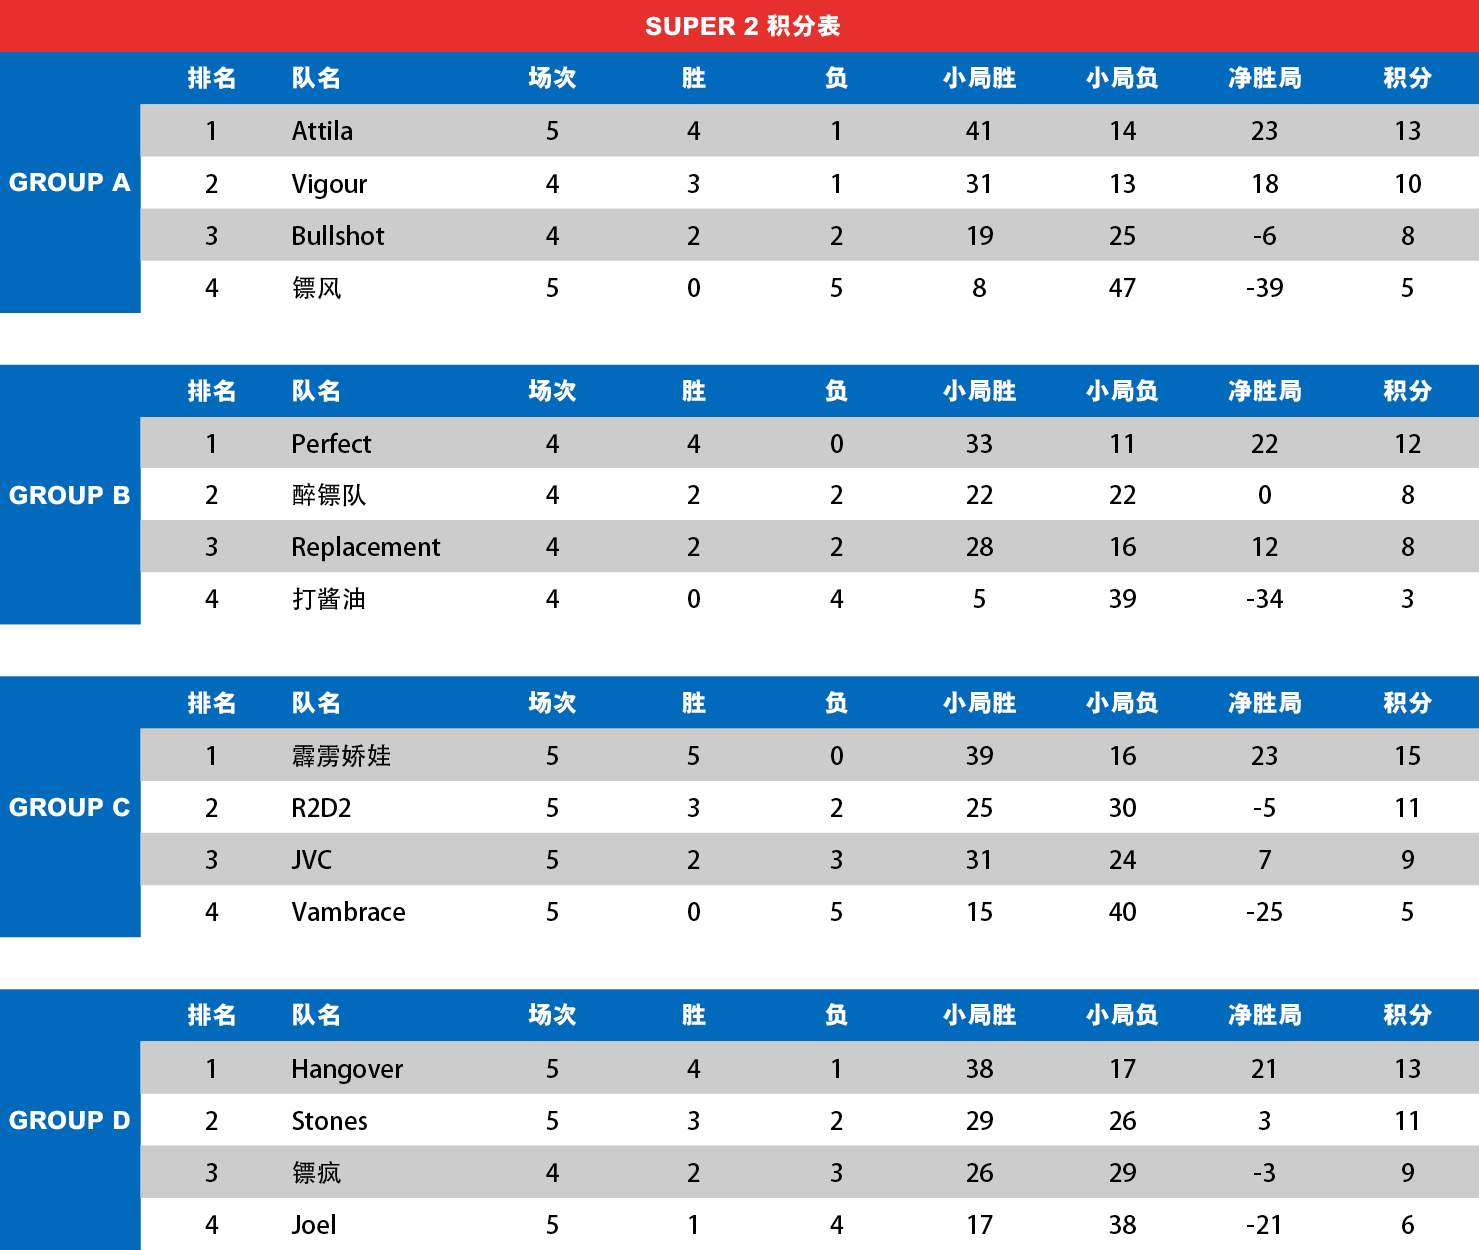 super2_table_week5.jpg